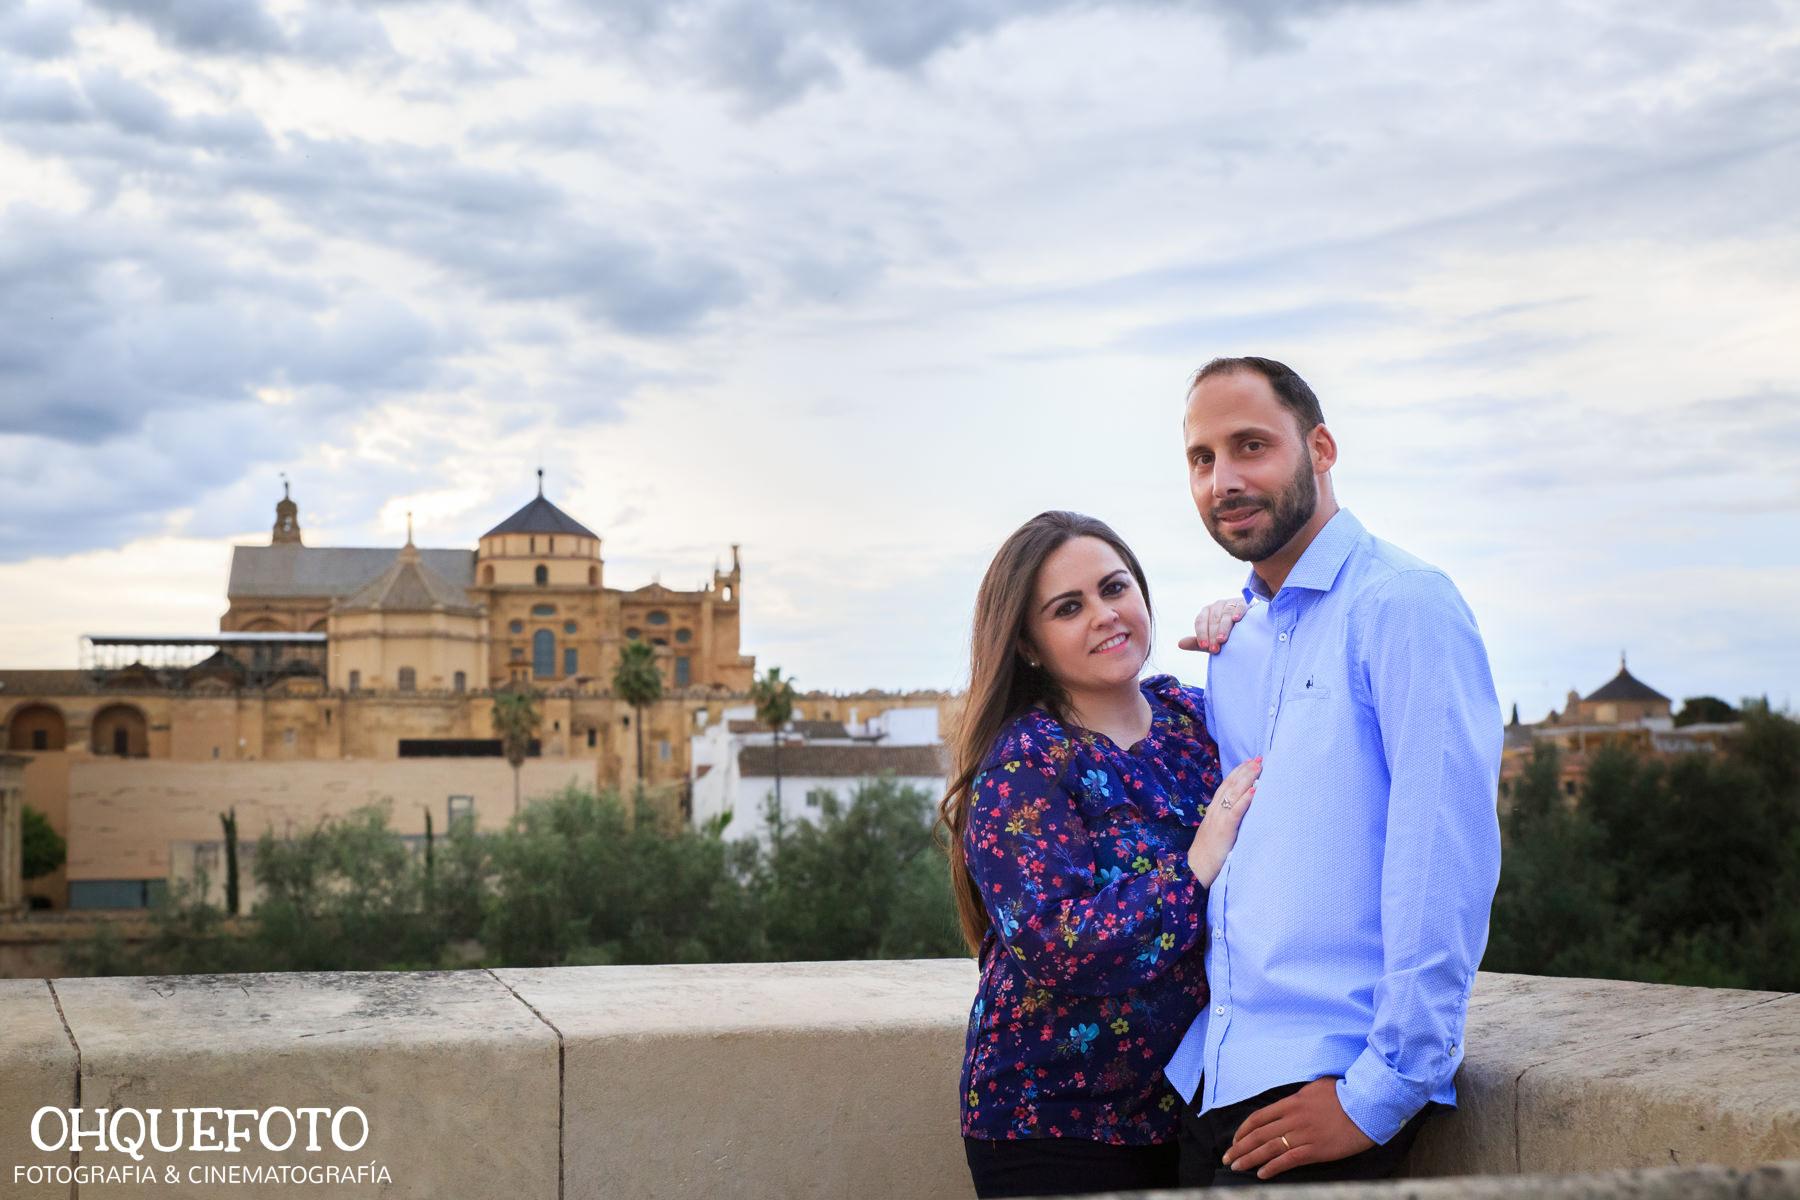 preboda en la judería de cordoba preboda en puente romano cordoba fotos de preboda en cordoba reportaje antes de la boda404 - Reportaje de preboda en la Judería de Córdoba - Elena y Jose